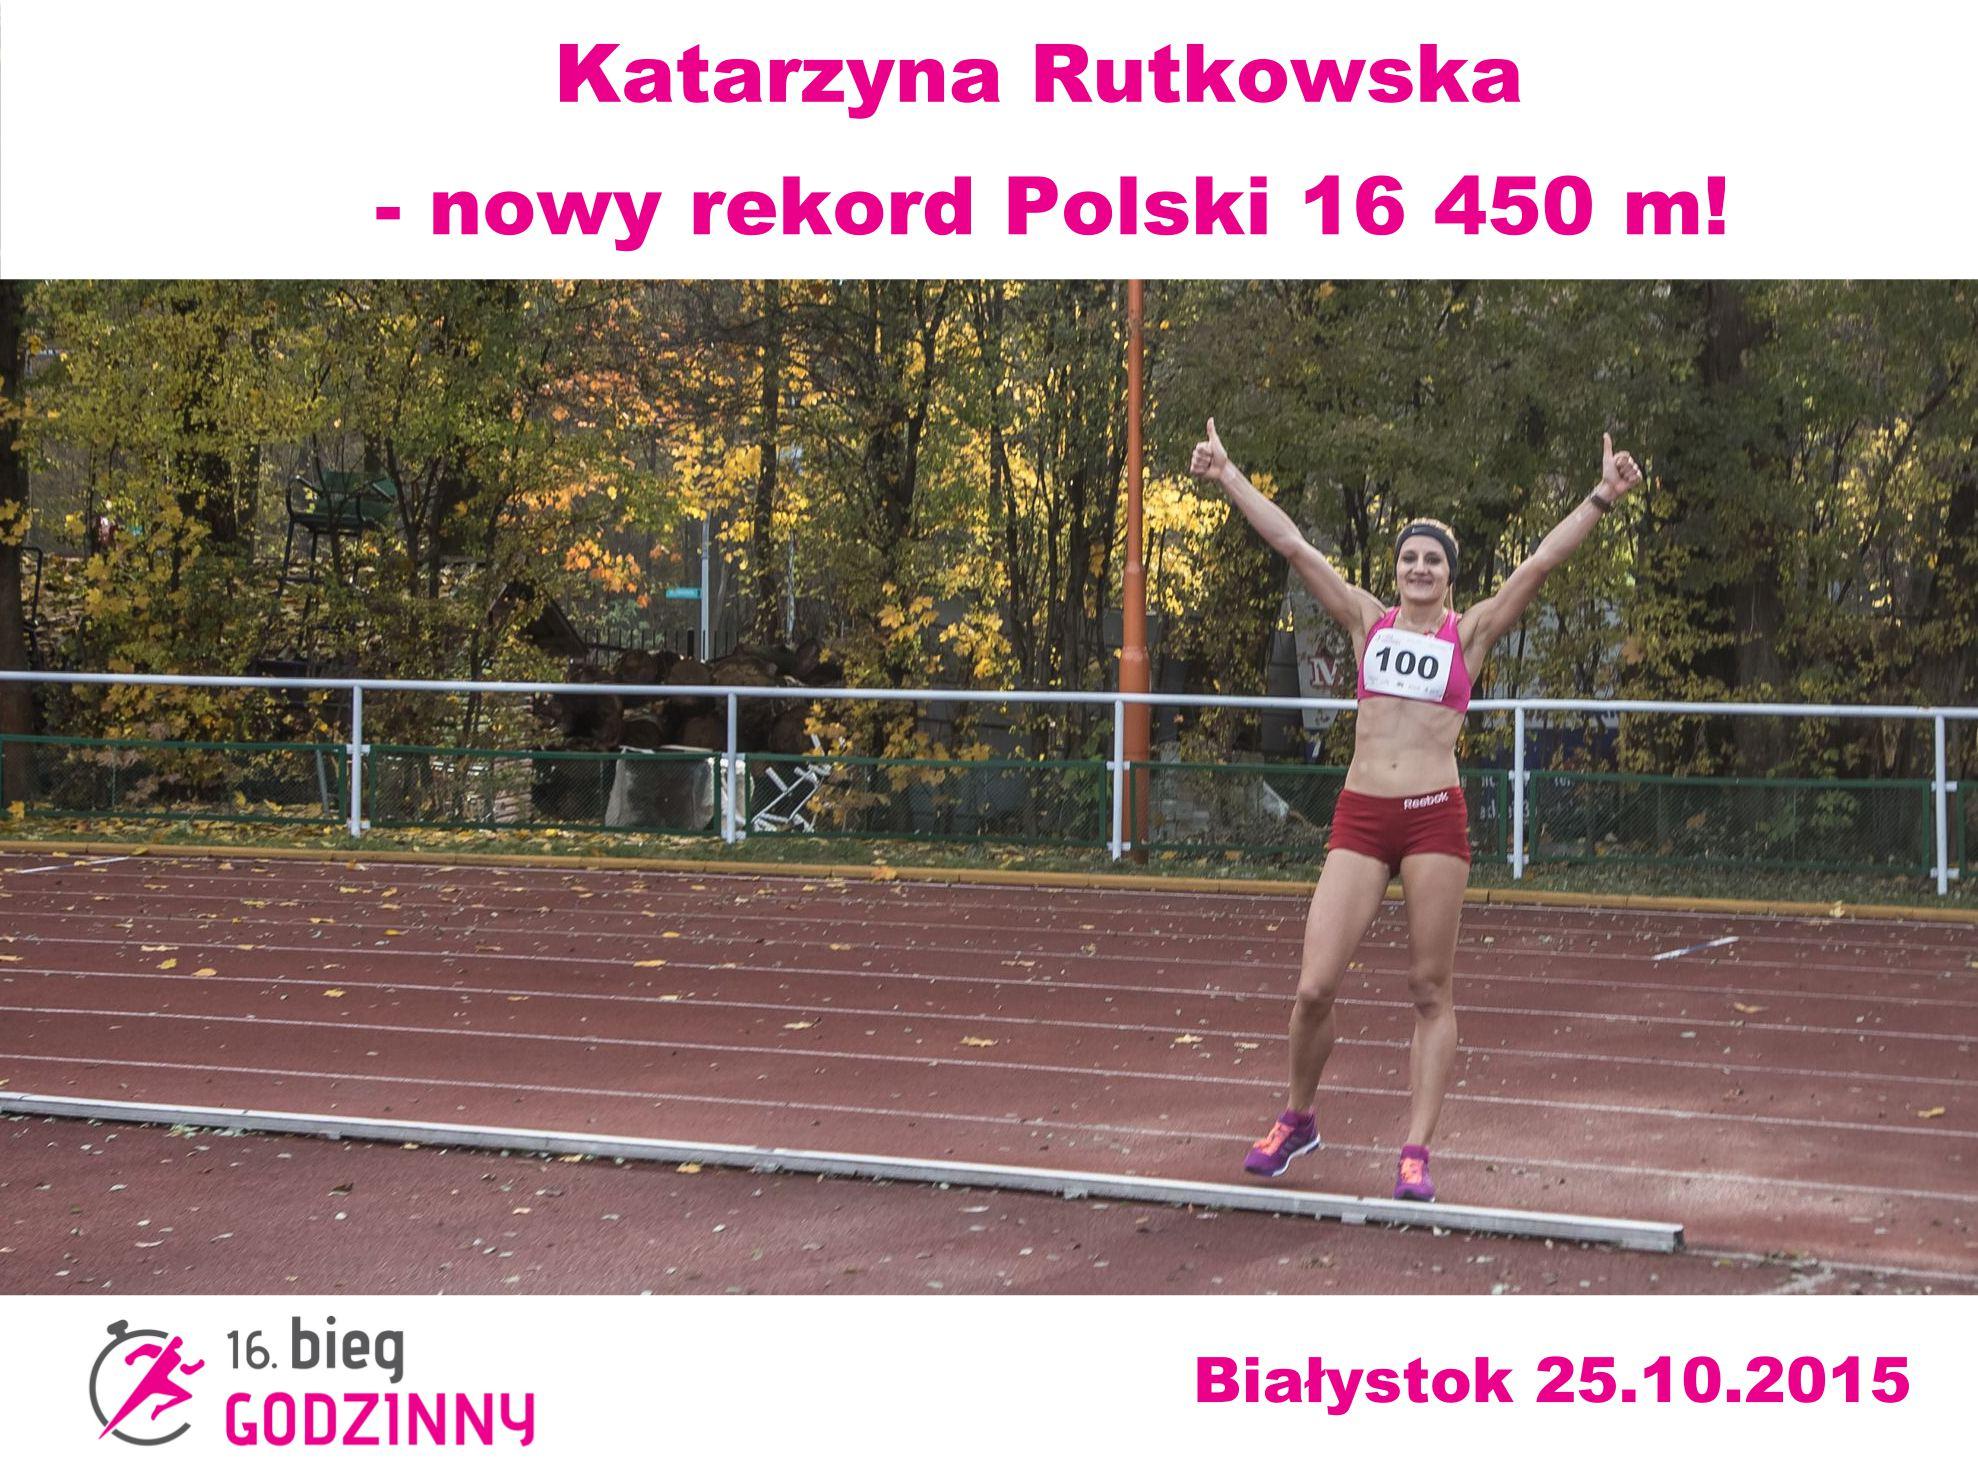 KR rekord